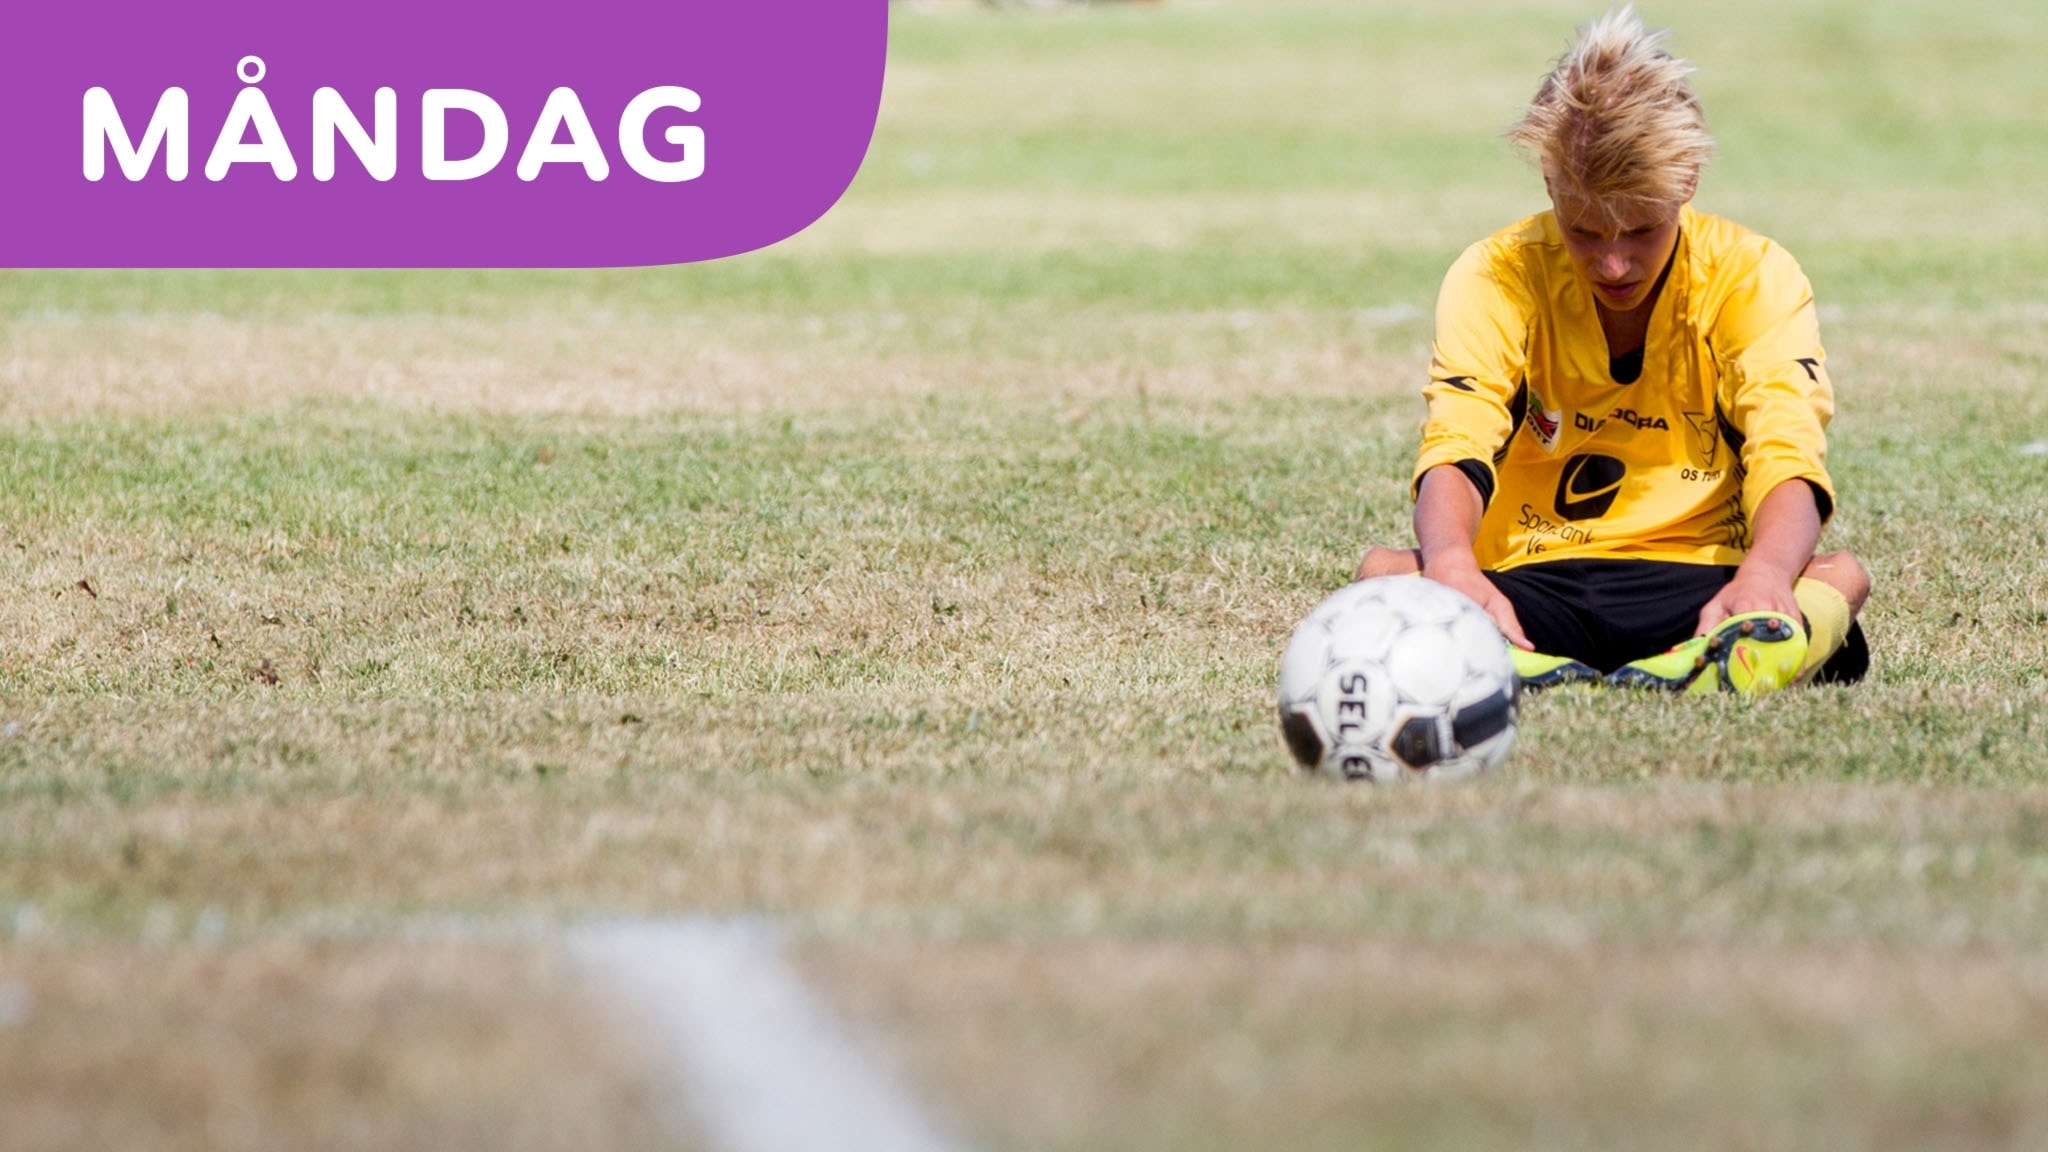 Förstalag i fotboll vanligt i stora svenska städer